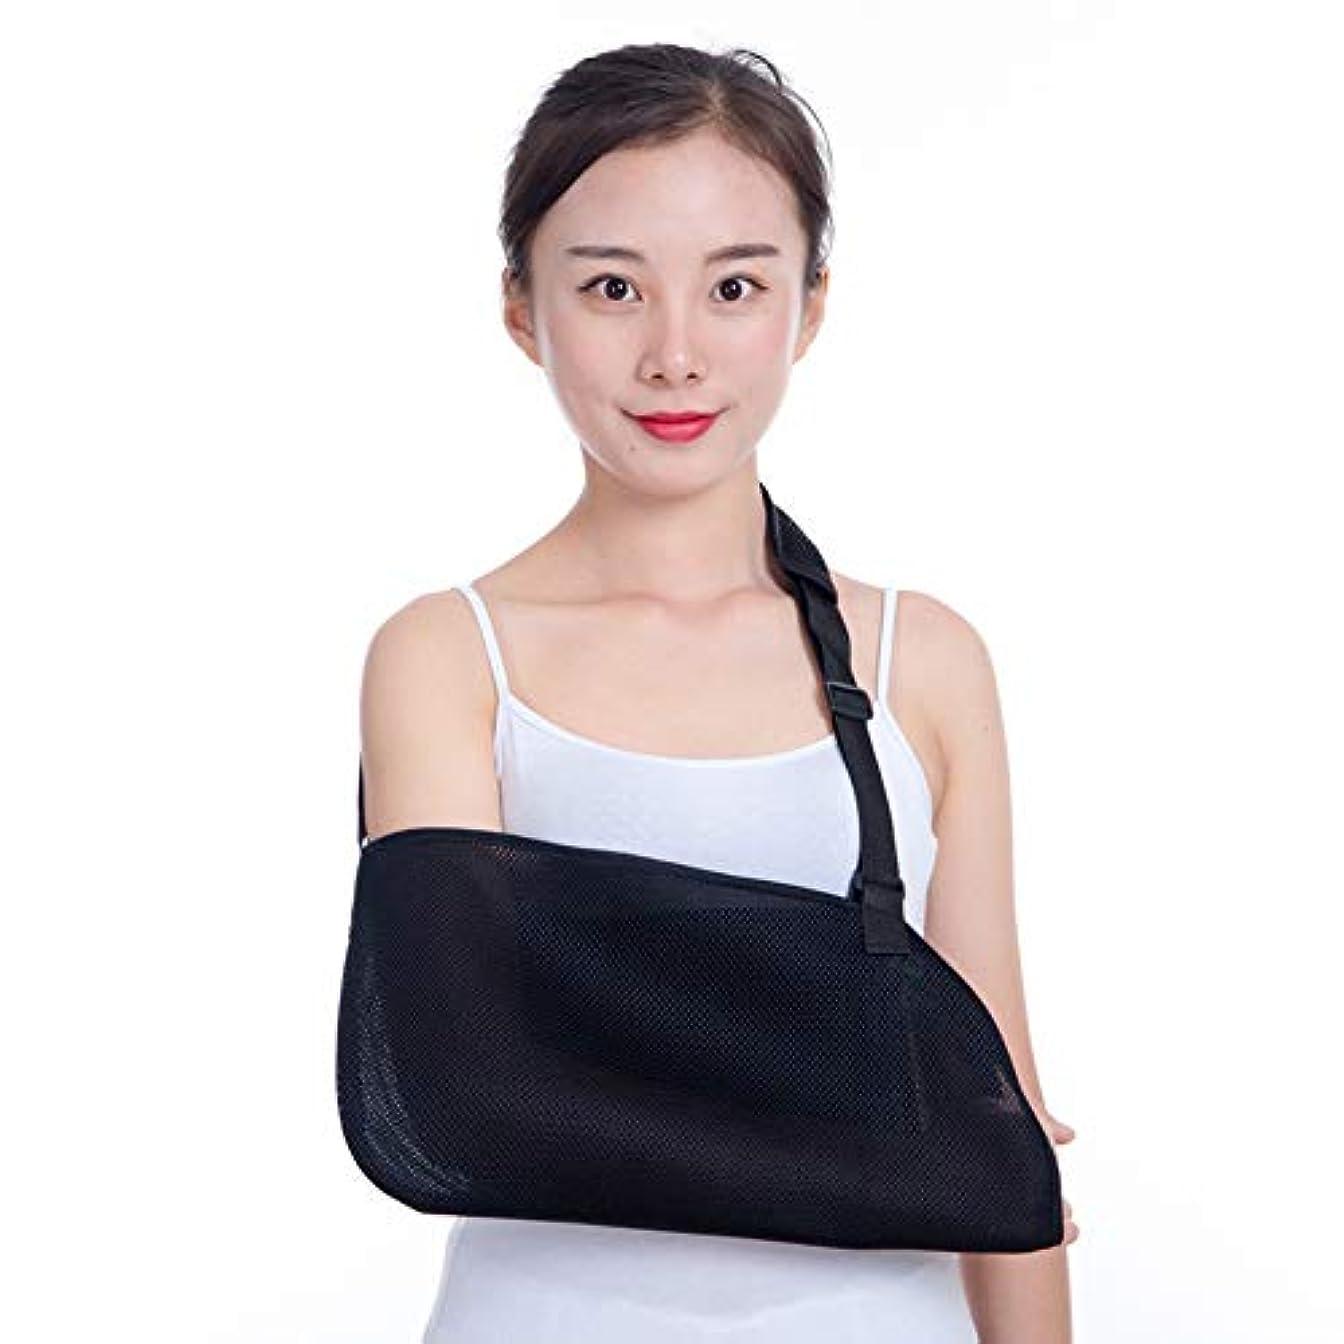 開発ではごきげんよう礼儀メッシュアームサポートスリング、ショルダーイモビライザーブレース、通気性と軽量、肩、腕、肘、回旋腱板の痛みを完全に調整可能